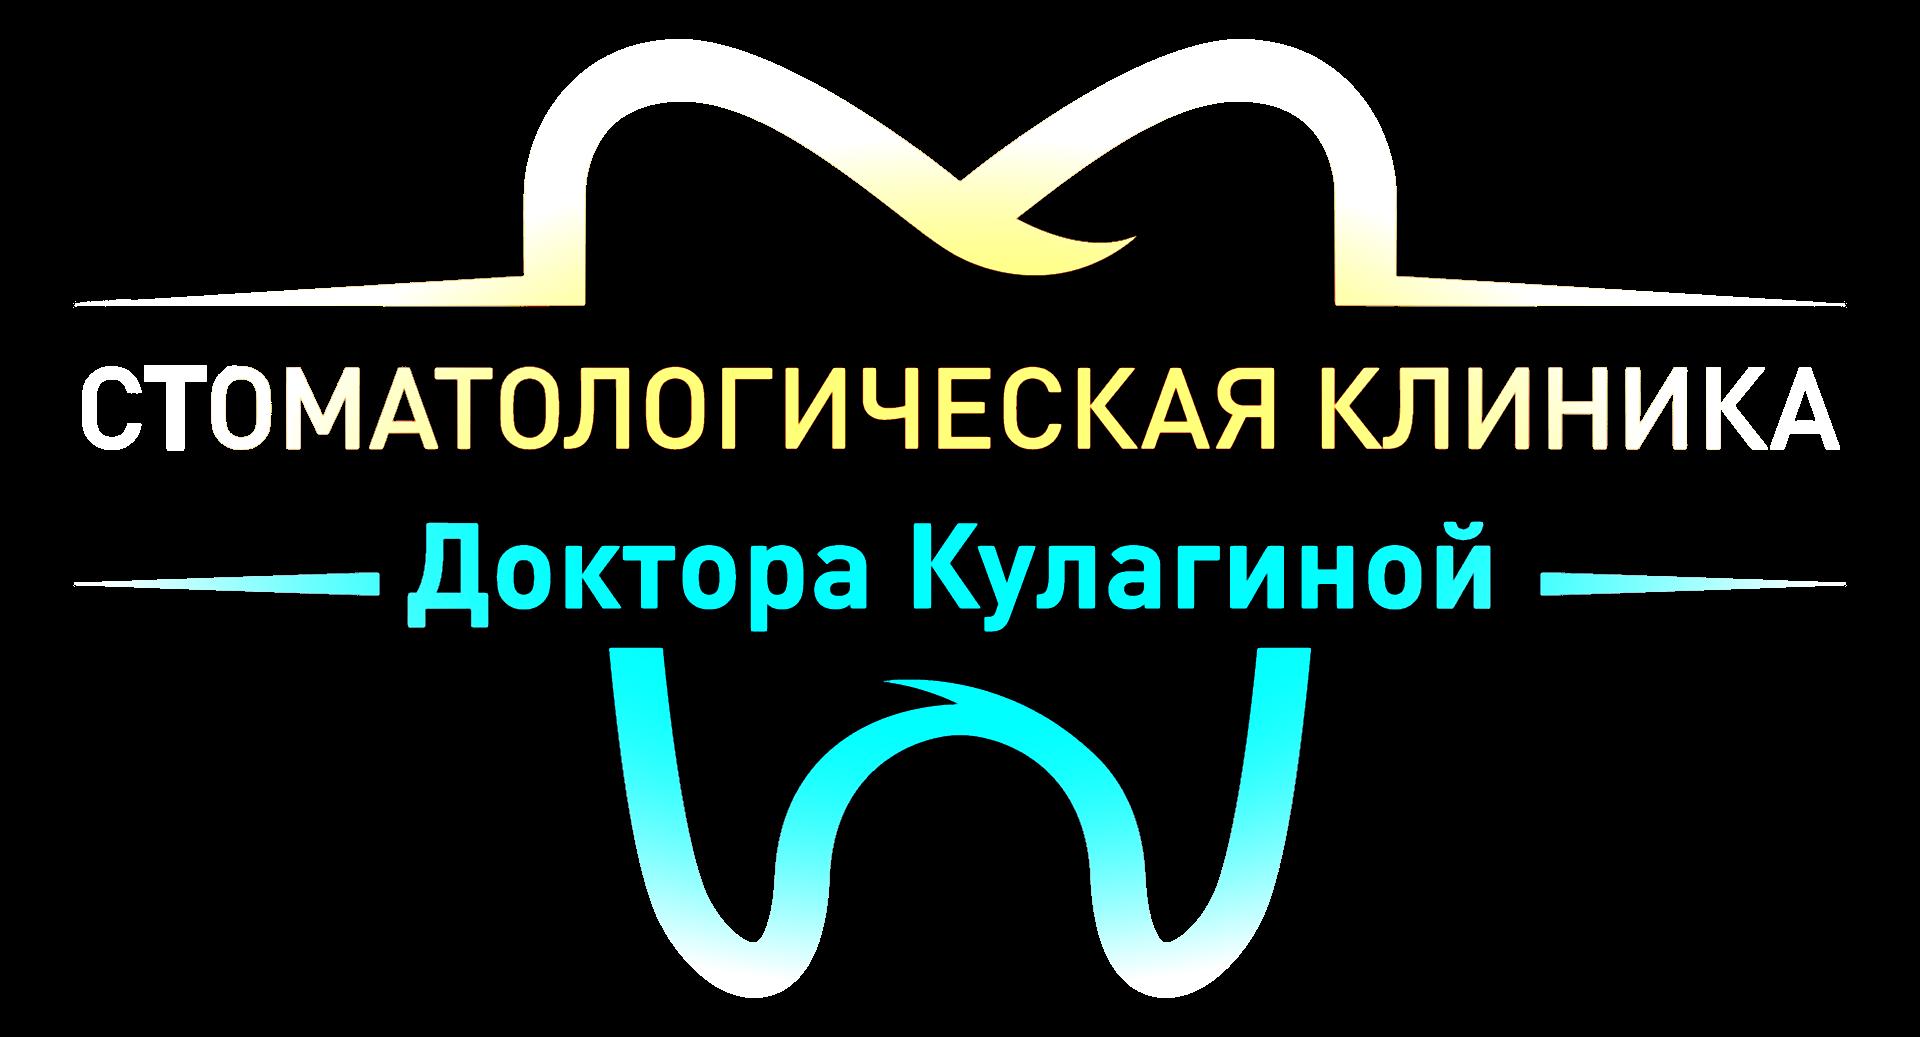 Стоматологическая Клиника Доктора Кулагиной